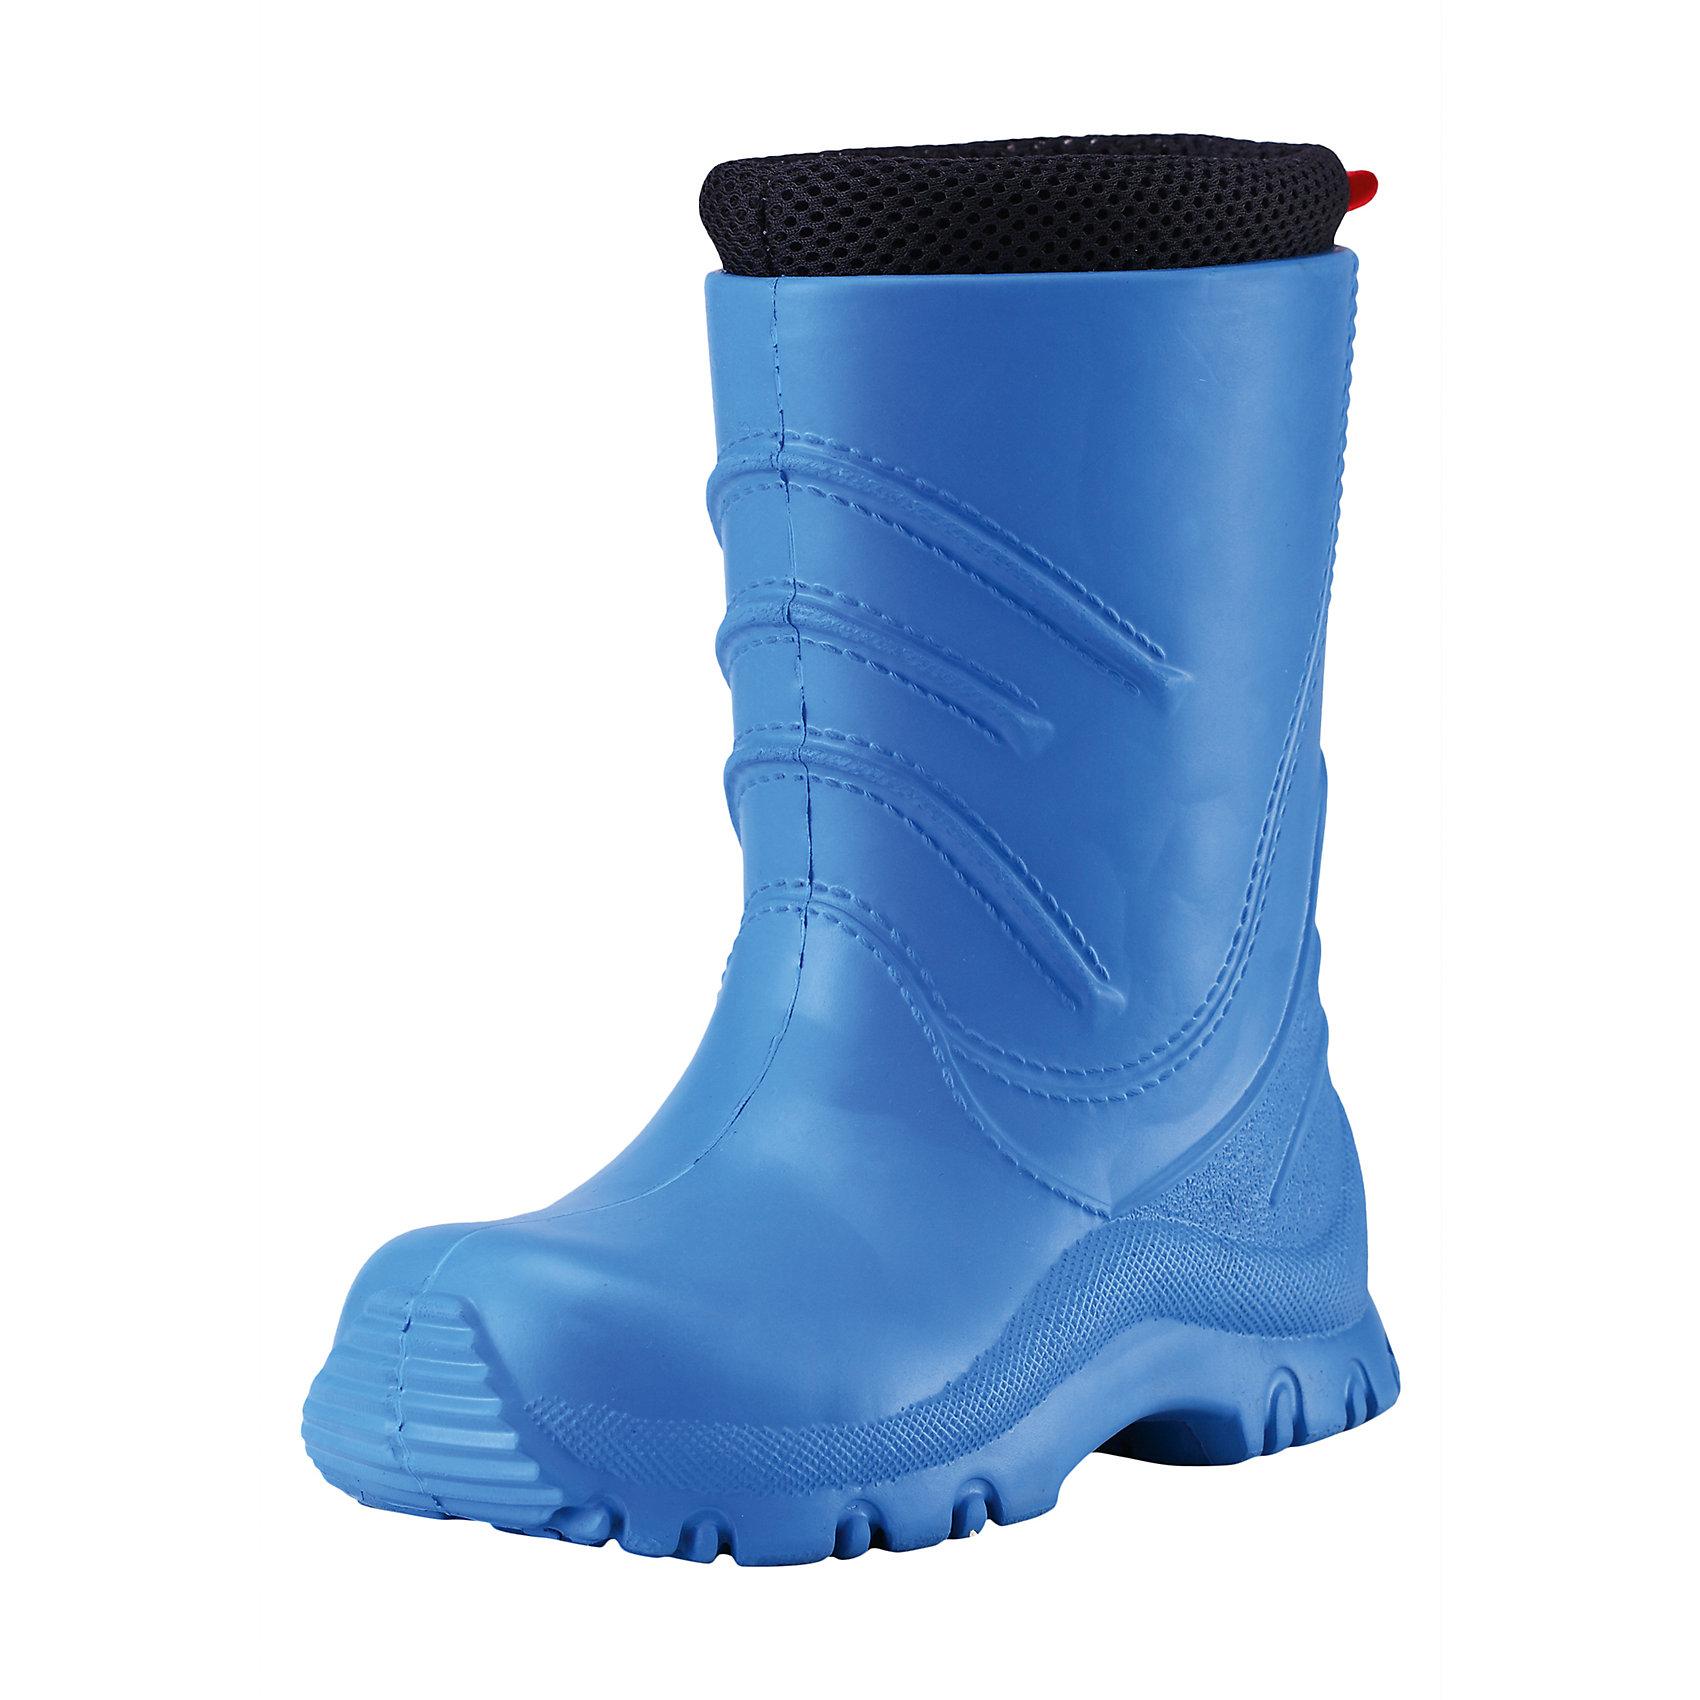 Резиновые сапоги Frillo Rainboot ReimaОбувь<br>Характеристики товара:<br><br>• цвет: голубой<br>• внешний материал: ЭВА<br>• внутренний материал: текстиль<br>• стелька: текстиль<br>• подошва: ЭВА<br>• температурный режим: от +5°до +20°С<br>• водонепроницаемая мембрана свыше 12000 мм<br>• водонепроницаемый материал<br>• съёмный внутренний сапожок<br>• можно носить как с сапожком так и без него<br>• очень лёгкие<br>• хорошее сцепление с поверхностью<br>• страна бренда: Финляндия<br>• страна производства: Китай<br><br>Детская обувь может быть модной и комфортной одновременно! Удобные стильные сапоги-веллингтоны помогут обеспечить ребенку комфорт во время непогоды и межсезонья. Они отлично смотрятся с различной одеждой. Сапоги очень легкие, удобно сидят на ноге и аккуратно смотрятся. Легко чистятся и долго служат. Продуманная конструкция разрабатывалась специально для детей.<br><br>Сапоги от финского бренда Reima (Рейма) можно купить в нашем интернет-магазине.<br><br>Ширина мм: 237<br>Глубина мм: 180<br>Высота мм: 152<br>Вес г: 438<br>Цвет: синий<br>Возраст от месяцев: 96<br>Возраст до месяцев: 108<br>Пол: Мужской<br>Возраст: Детский<br>Размер: 32,30,34,24,22,26,28<br>SKU: 5266774